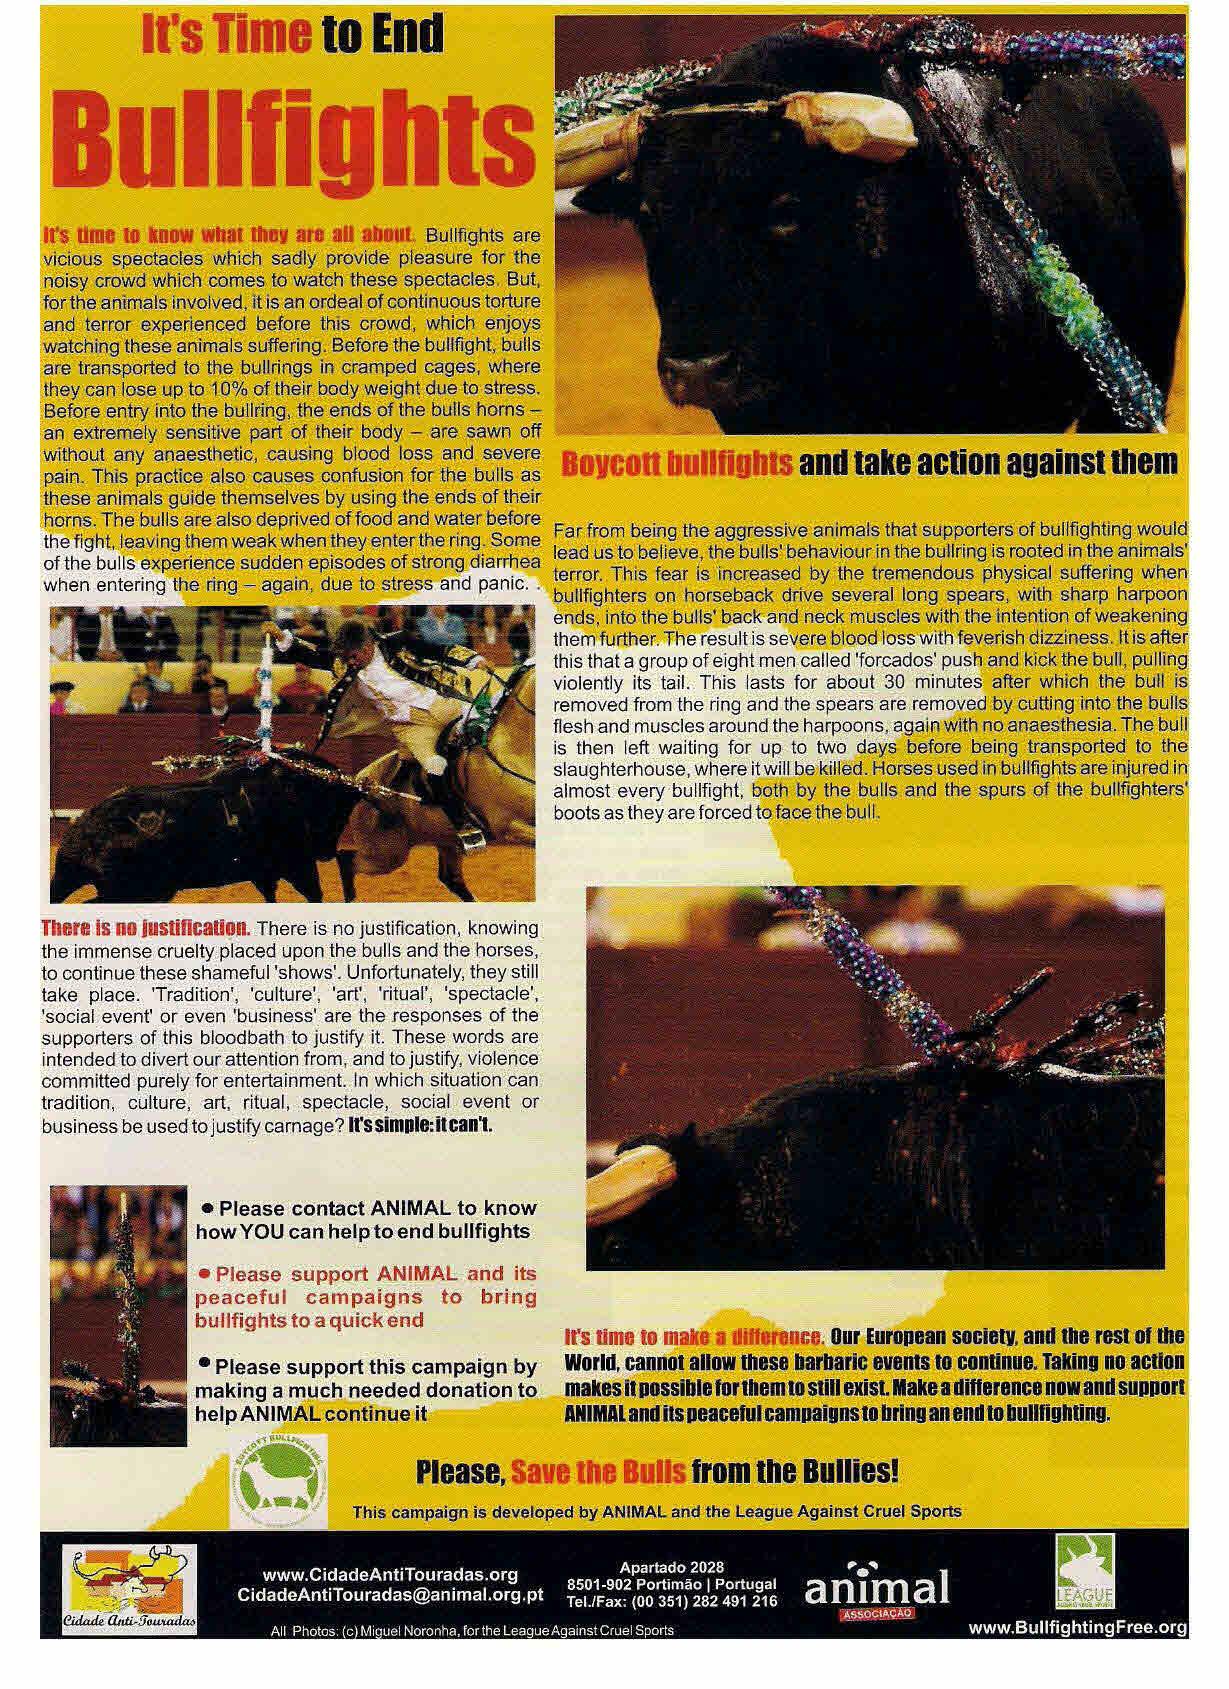 panfleto contra as touradas (2)